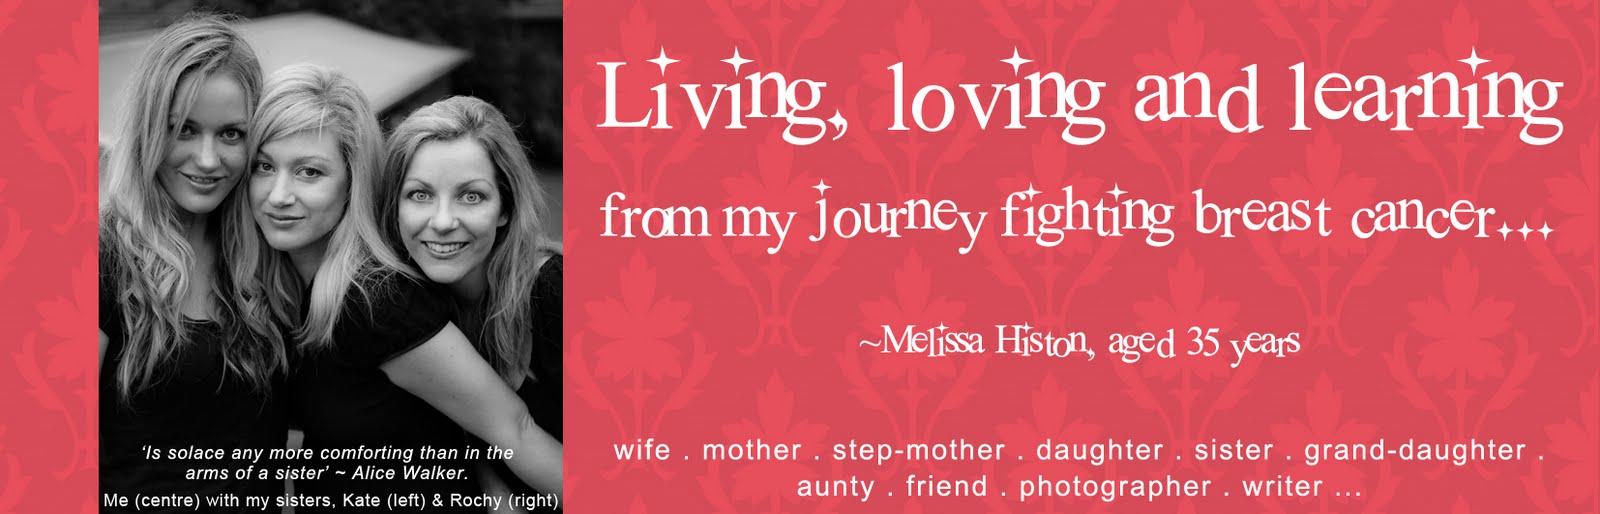 Melissa Histon